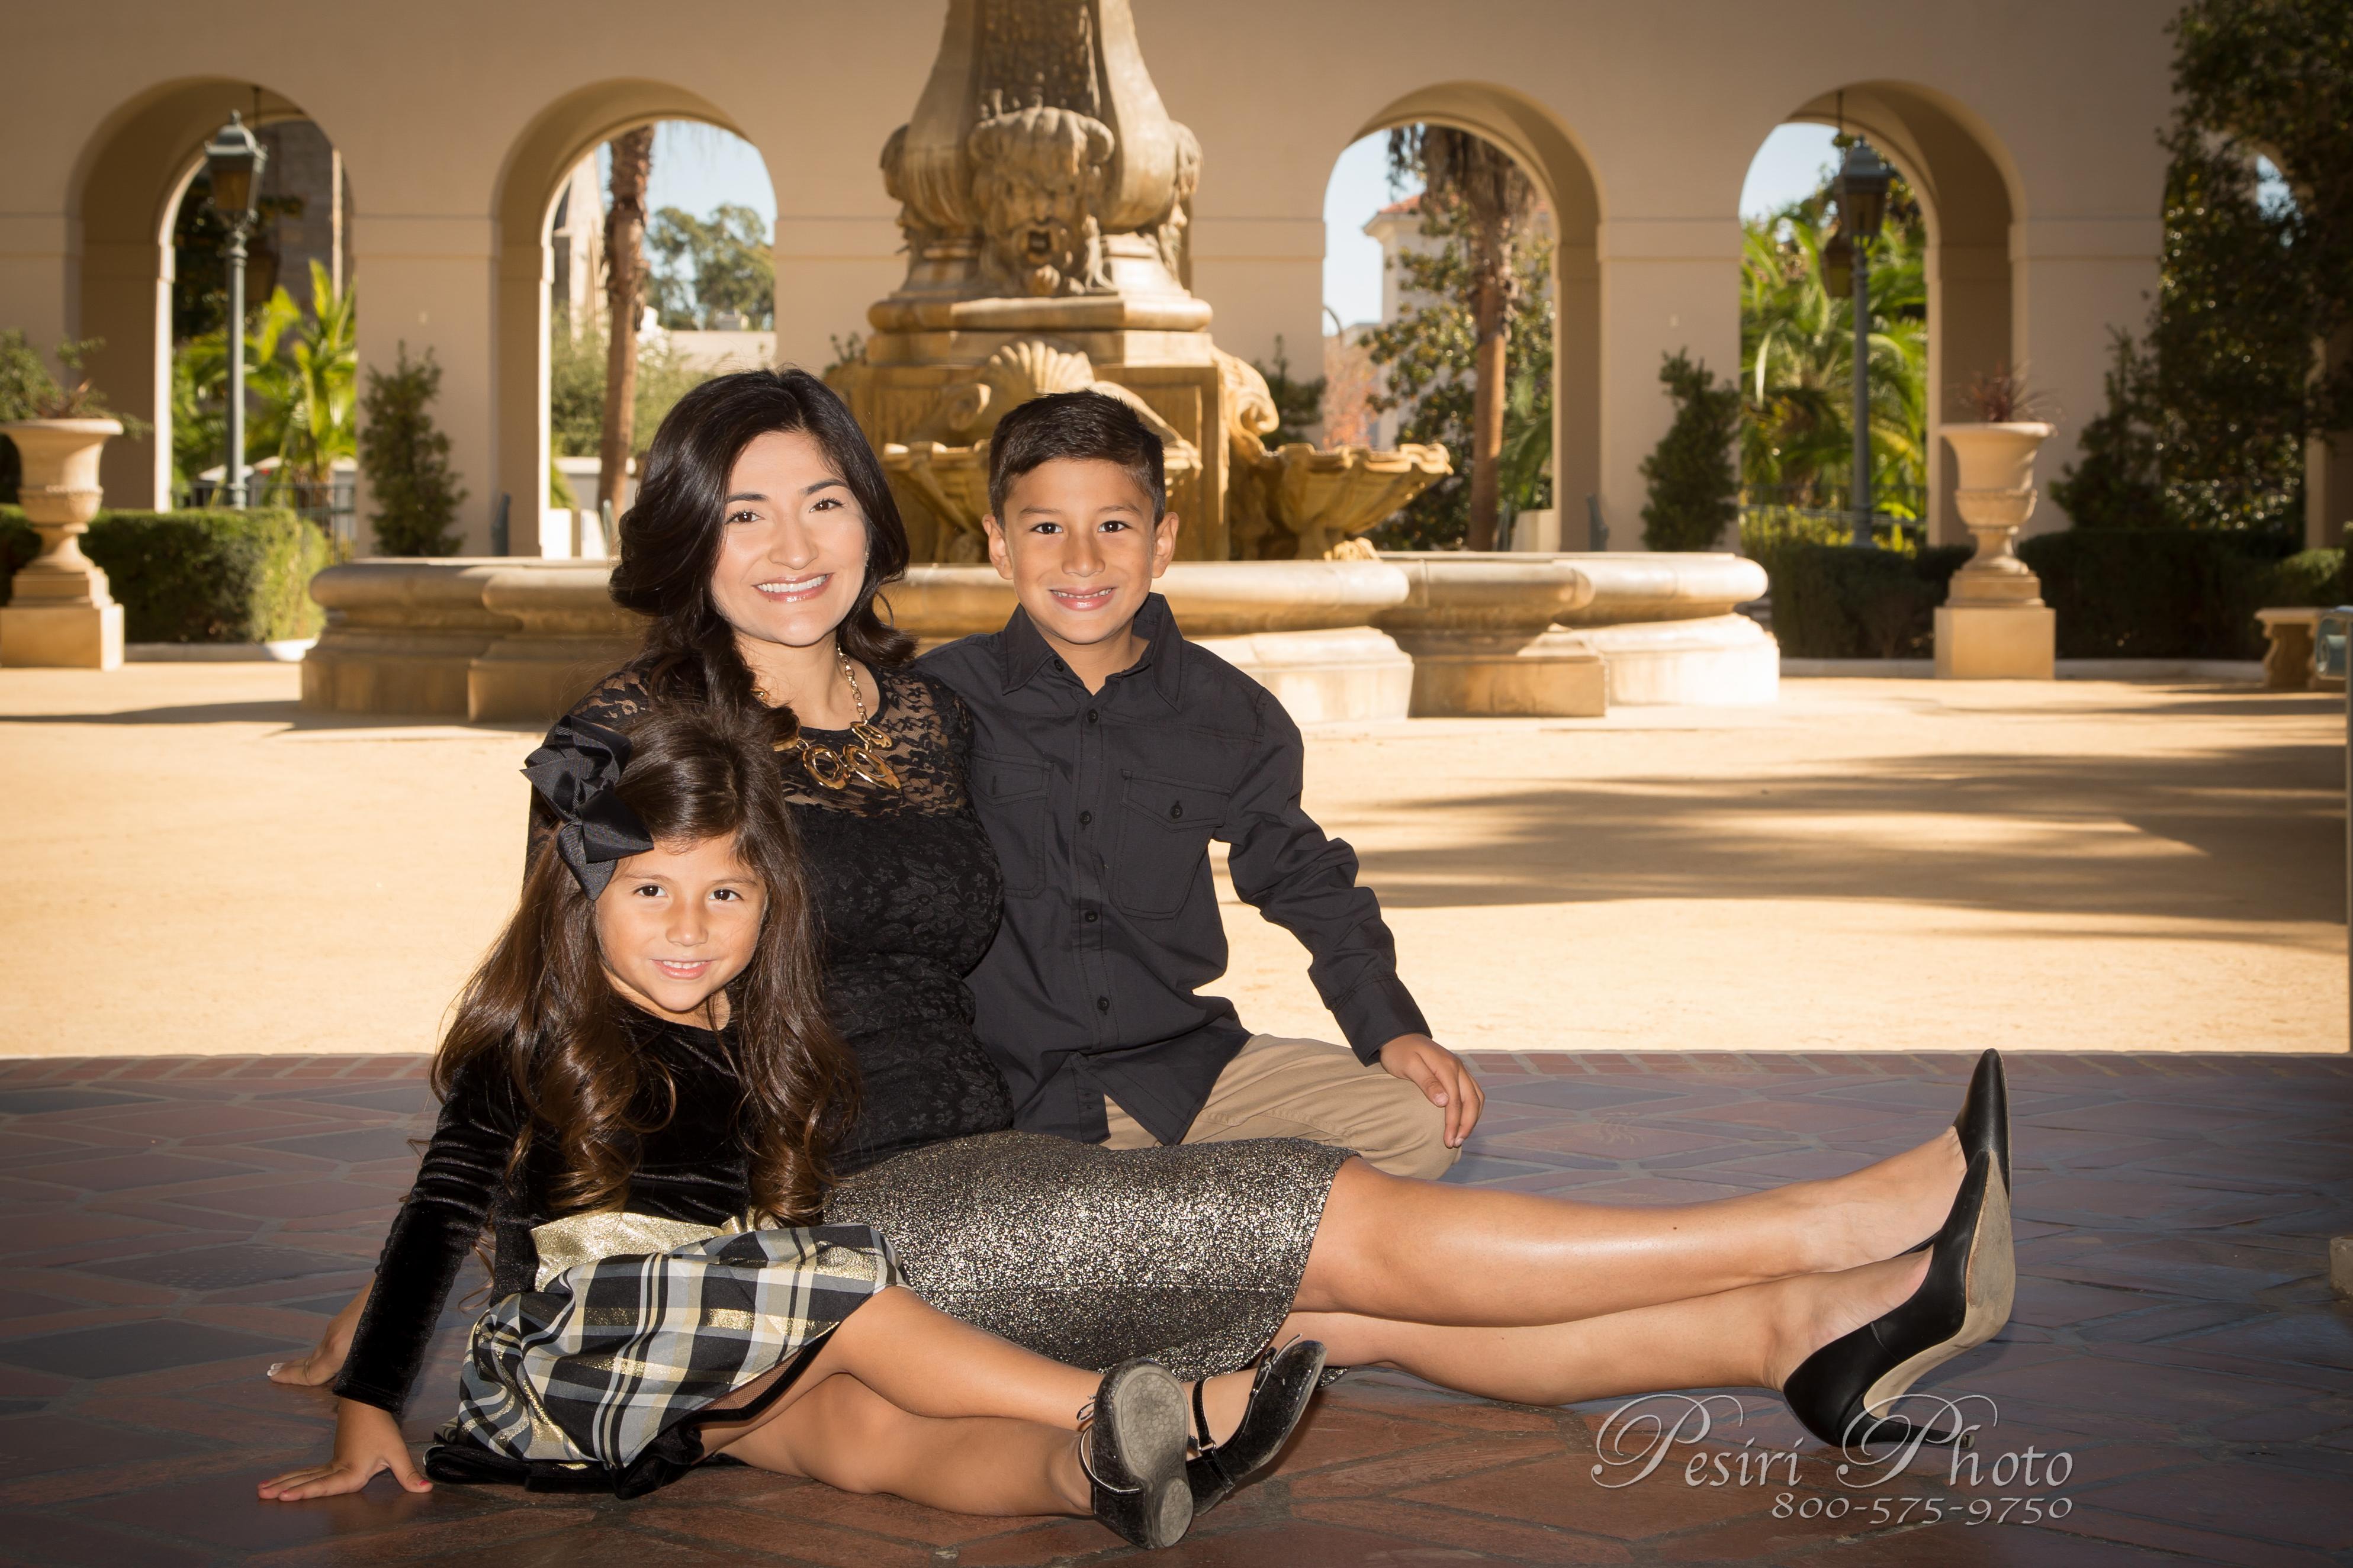 Family Photos By Pesiri Photo G-1